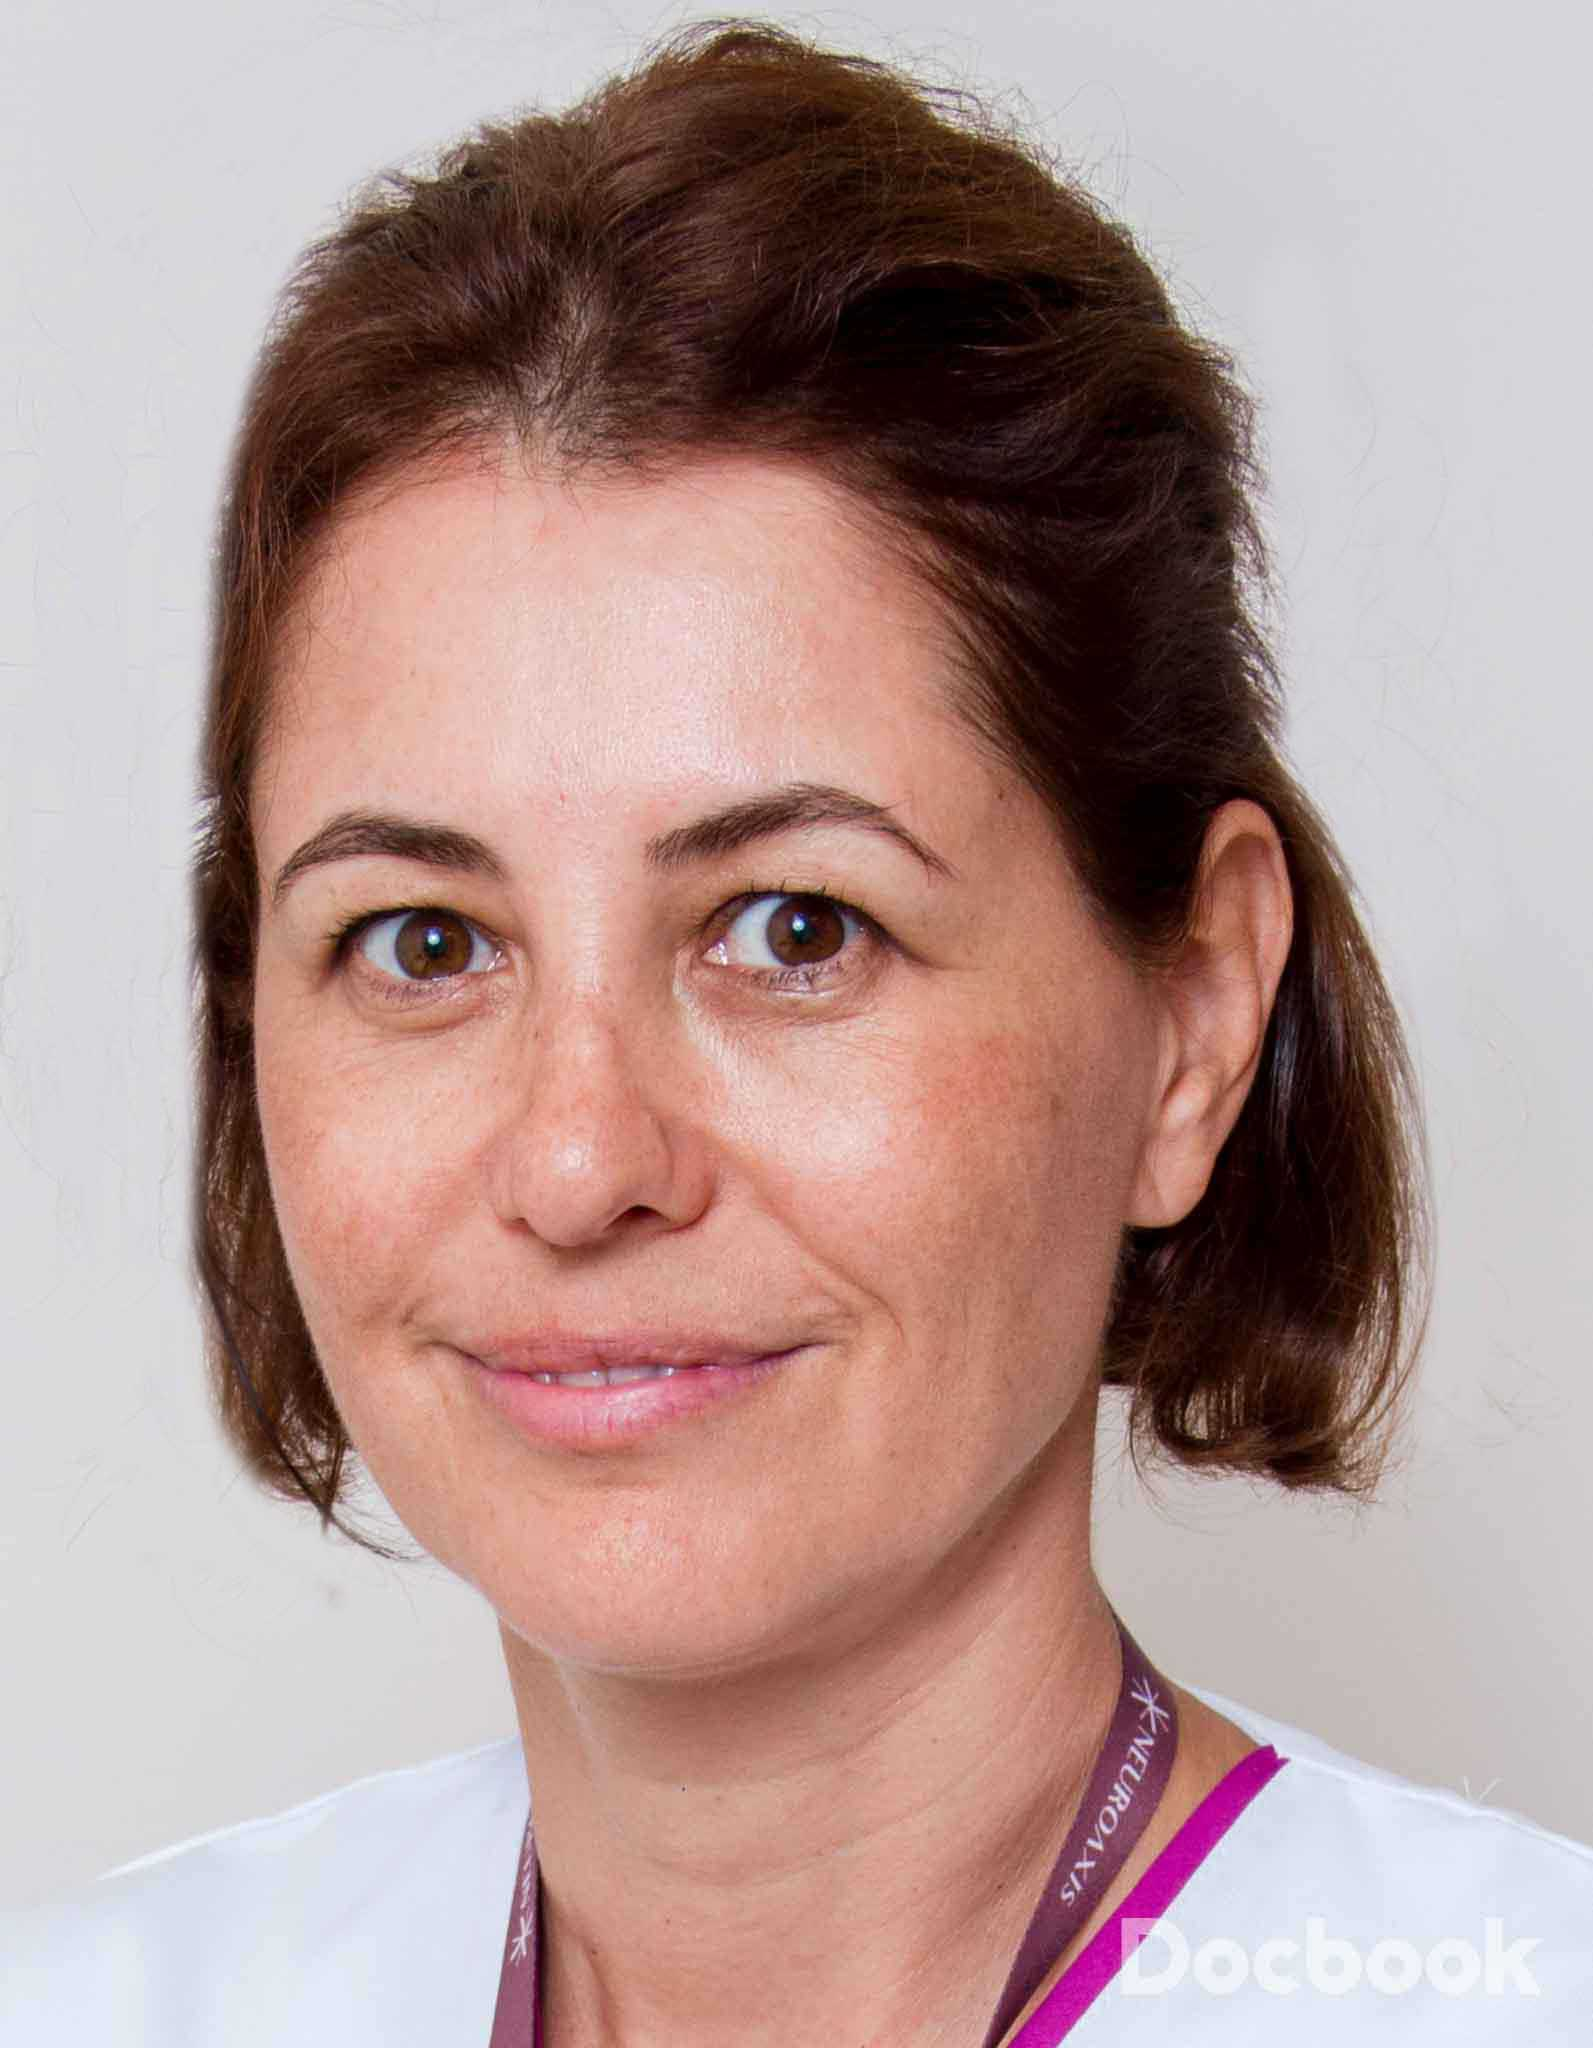 Dr. Mindruta Ioana